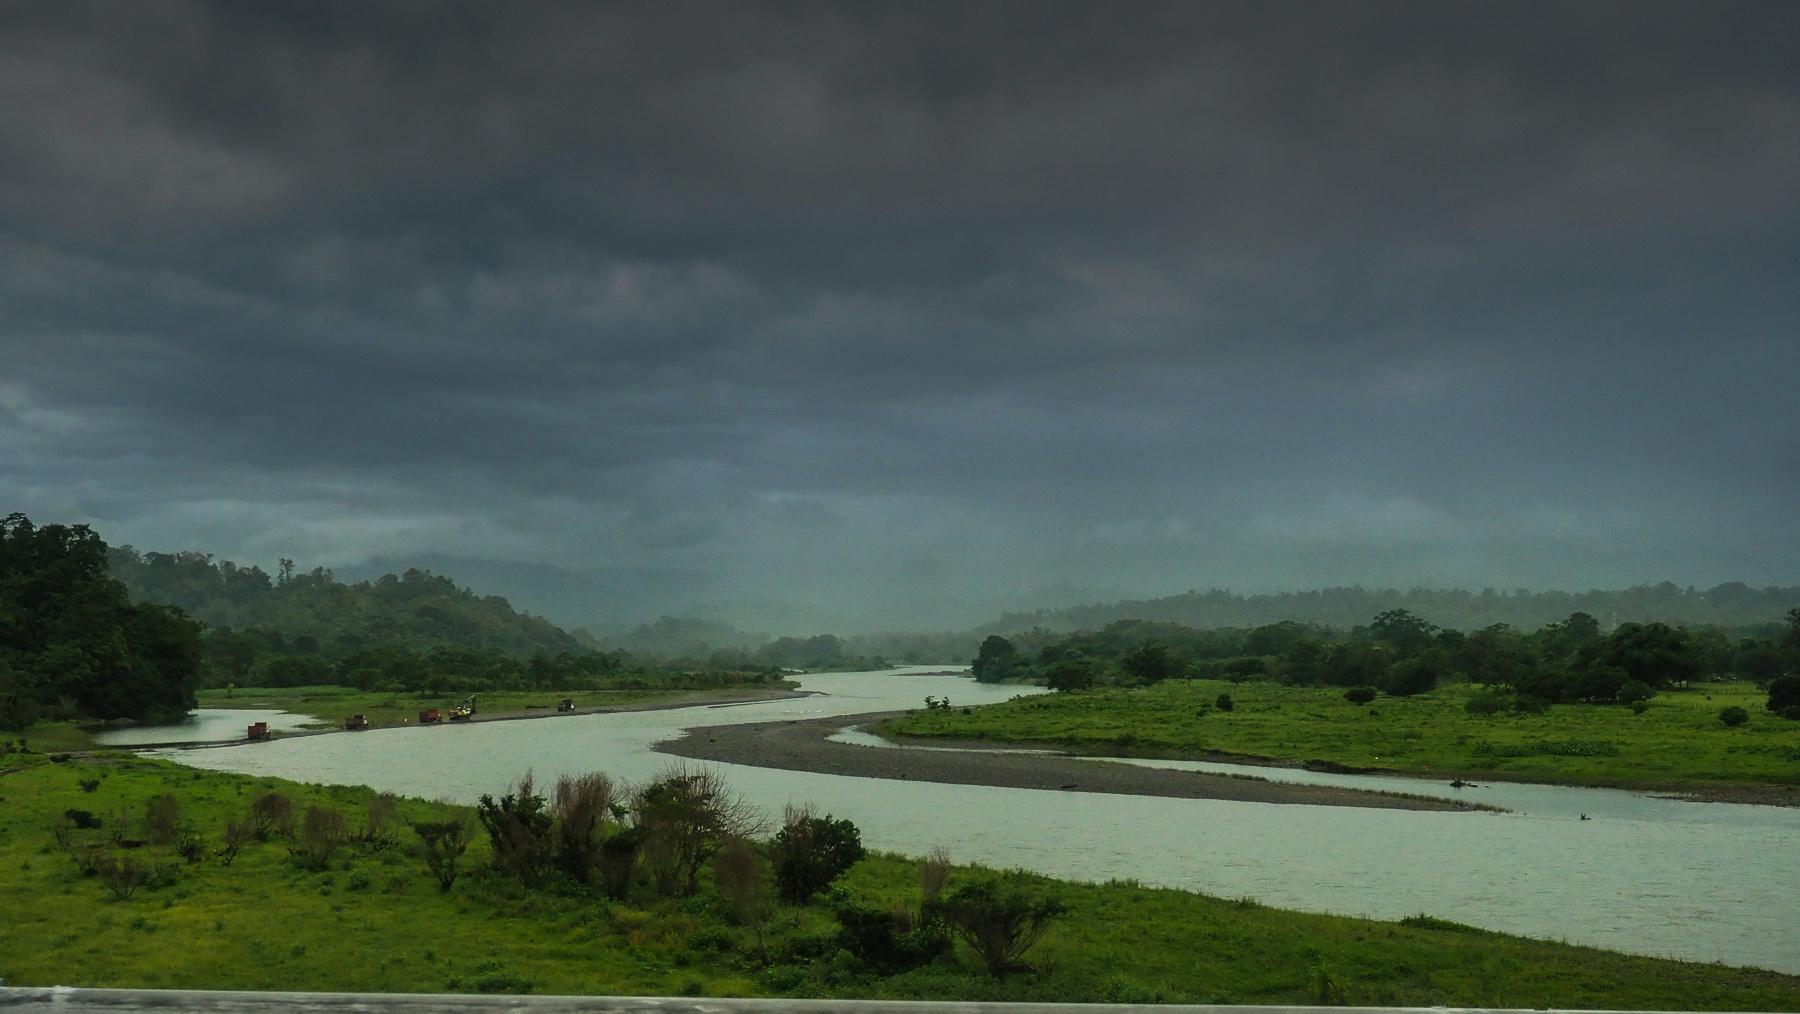 Grenzfluss Costa Rica - Panama, Mitten in der Regenzeit